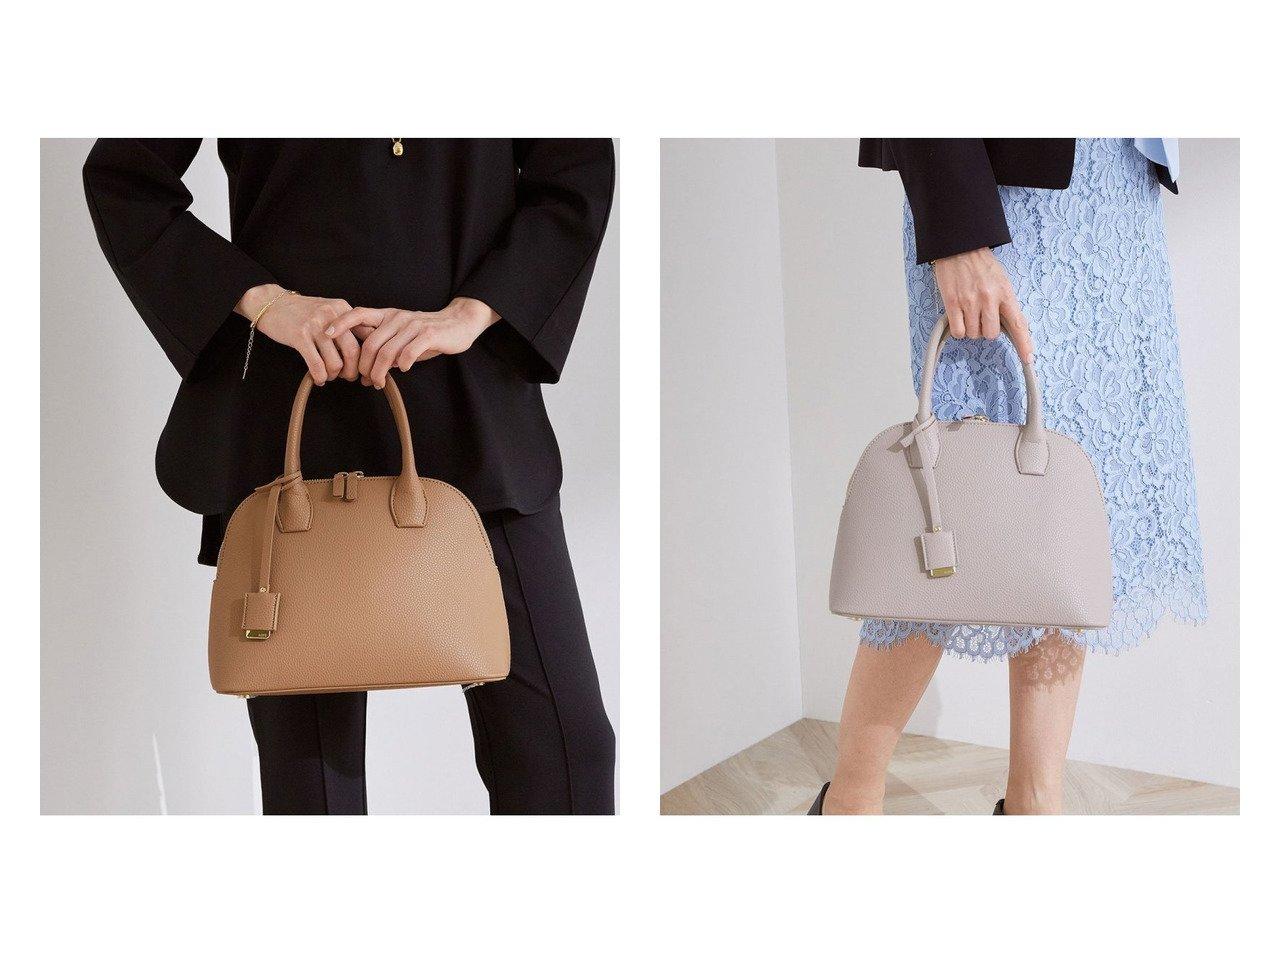 【ROPE'/ロペ】の【セレモニー】シュリンクミドルトート(A4サイズトート付き) 【バッグ・鞄】おすすめ!人気、トレンド・レディースファッションの通販 おすすめで人気の流行・トレンド、ファッションの通販商品 メンズファッション・キッズファッション・インテリア・家具・レディースファッション・服の通販 founy(ファニー) https://founy.com/ ファッション Fashion レディースファッション WOMEN バッグ Bag ショルダー ポケット ラウンド 再入荷 Restock/Back in Stock/Re Arrival |ID:crp329100000027865